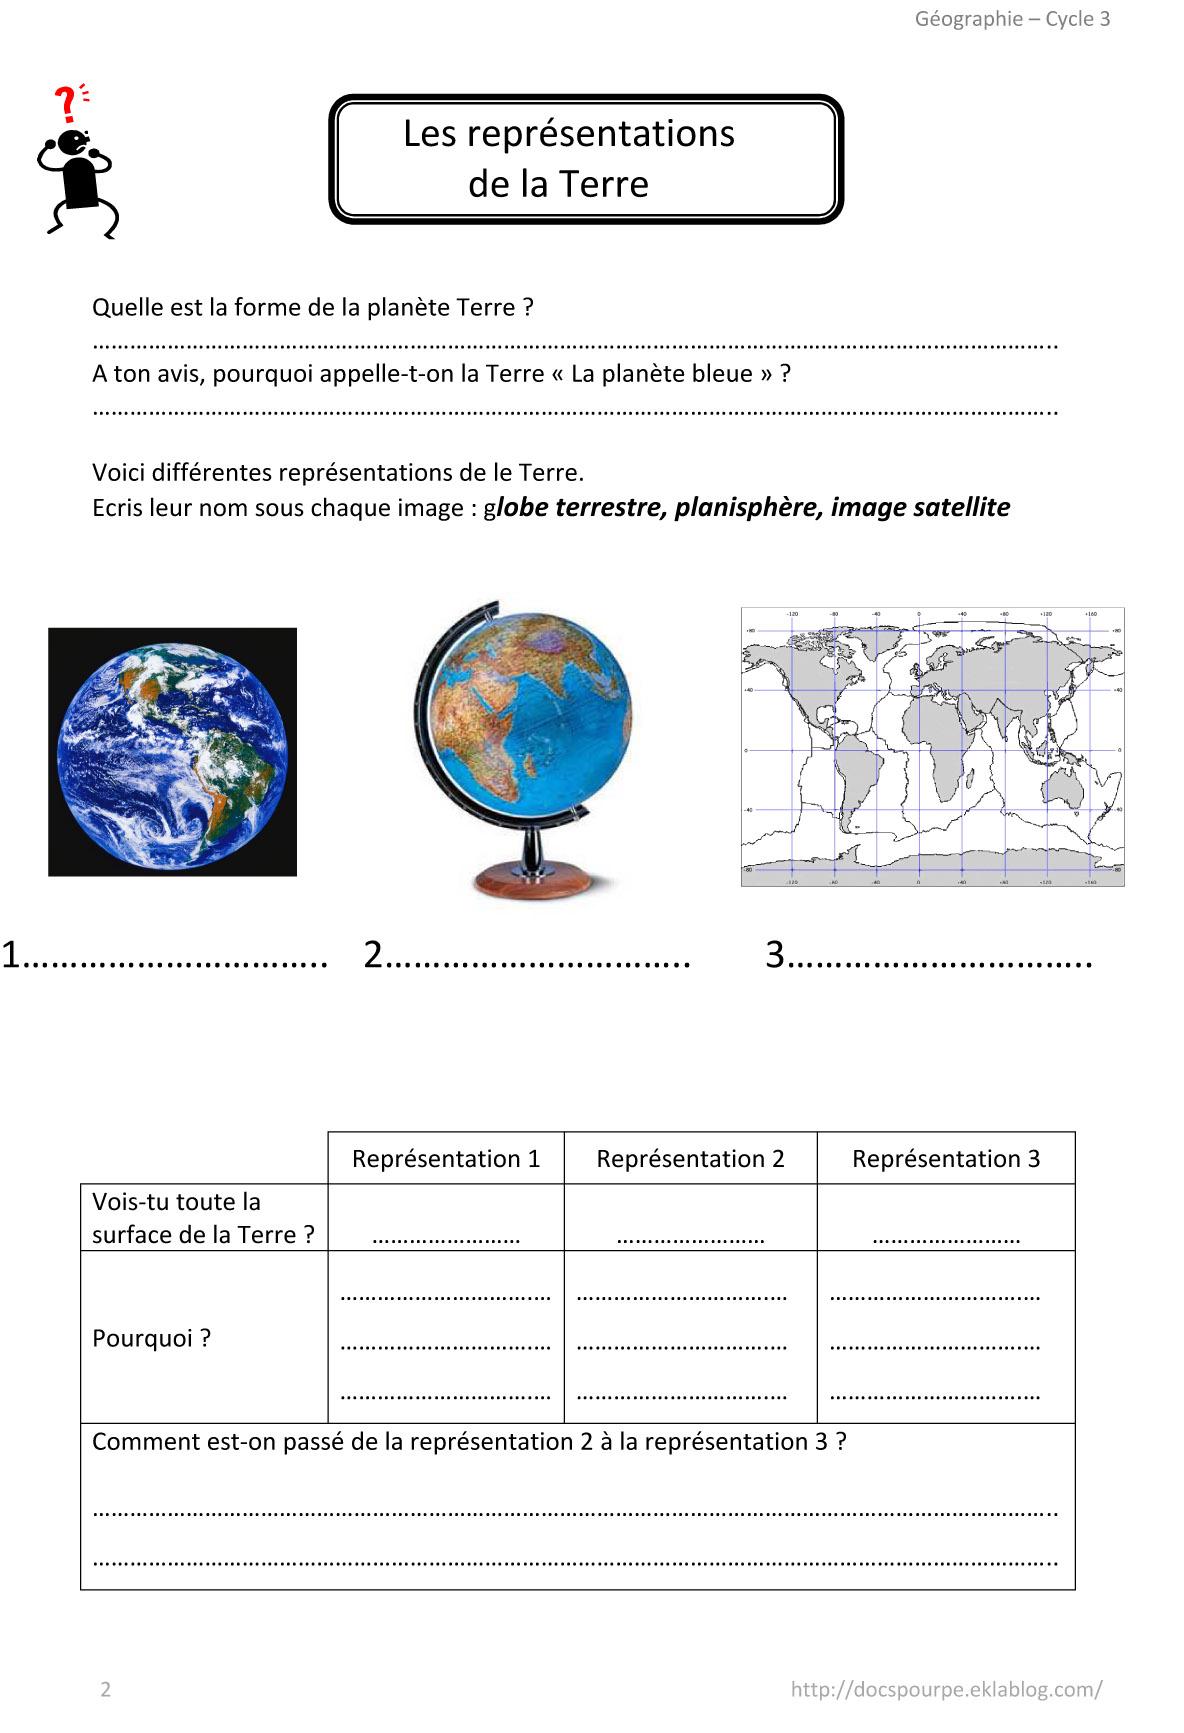 Le Monde : représentations de la Terre, parallèles et méridiens, continents et océans.